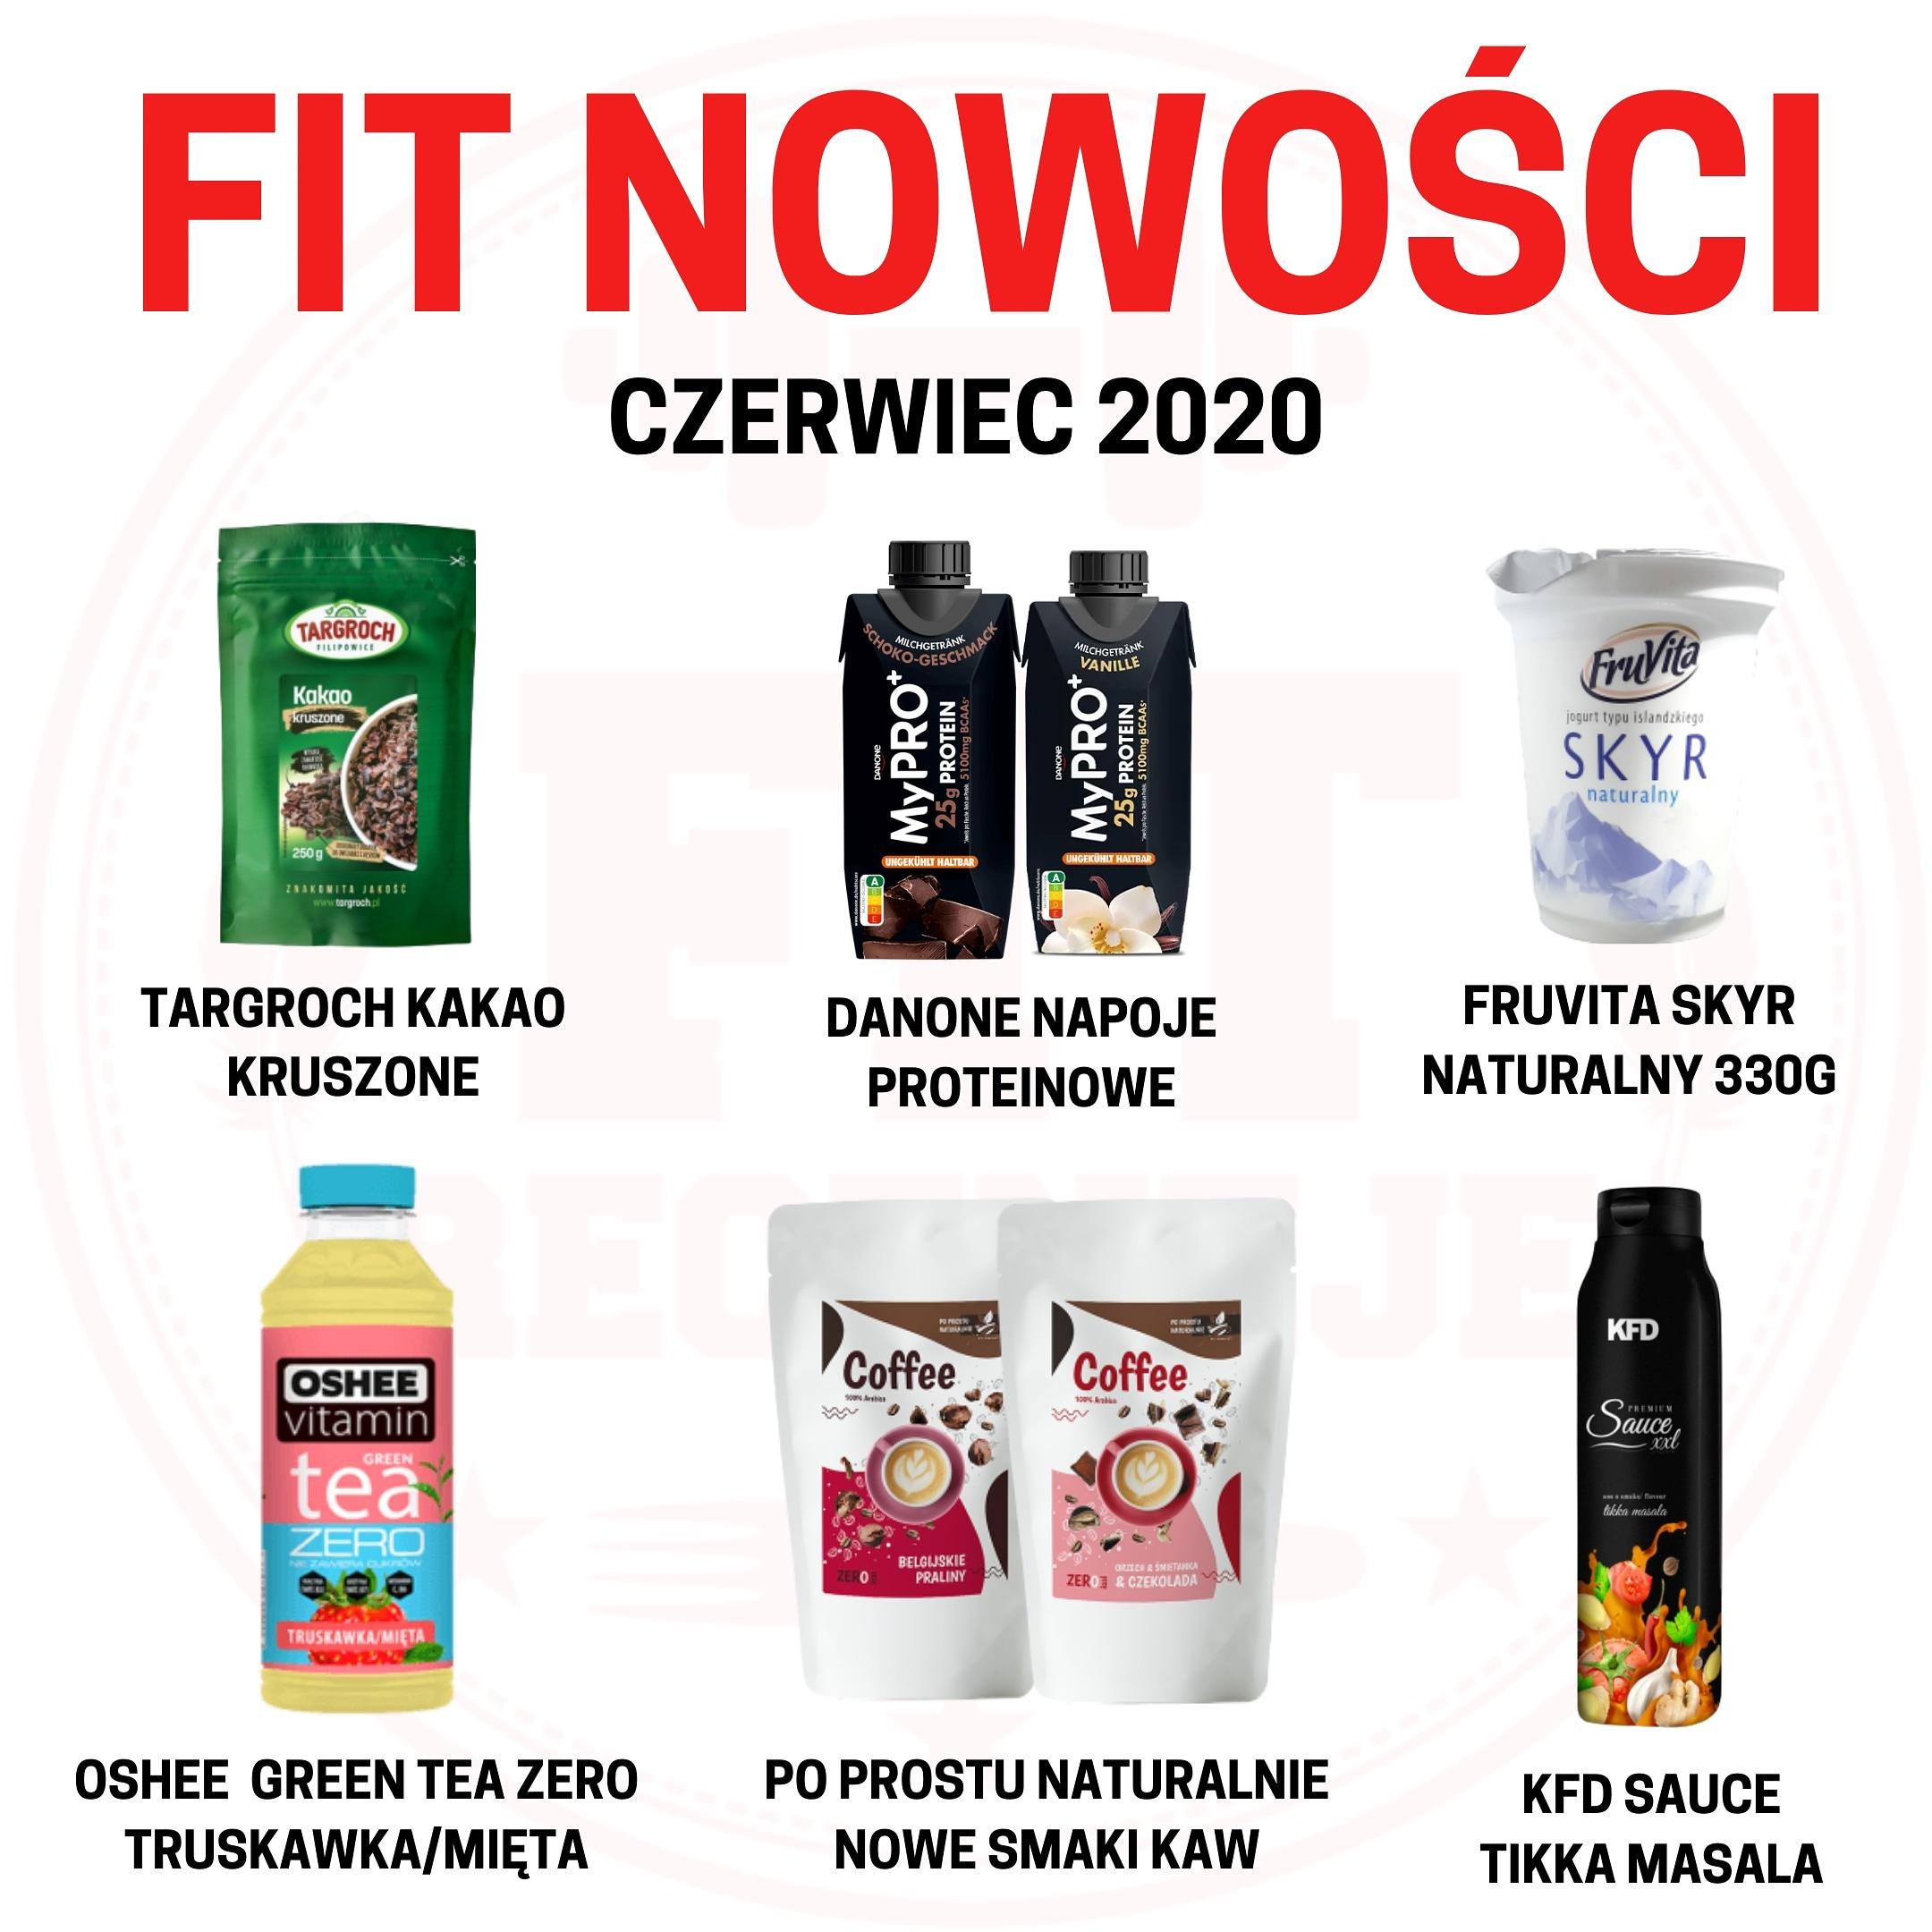 Fit nowości czerwca 2020 cz.2 – rozwój w branży!